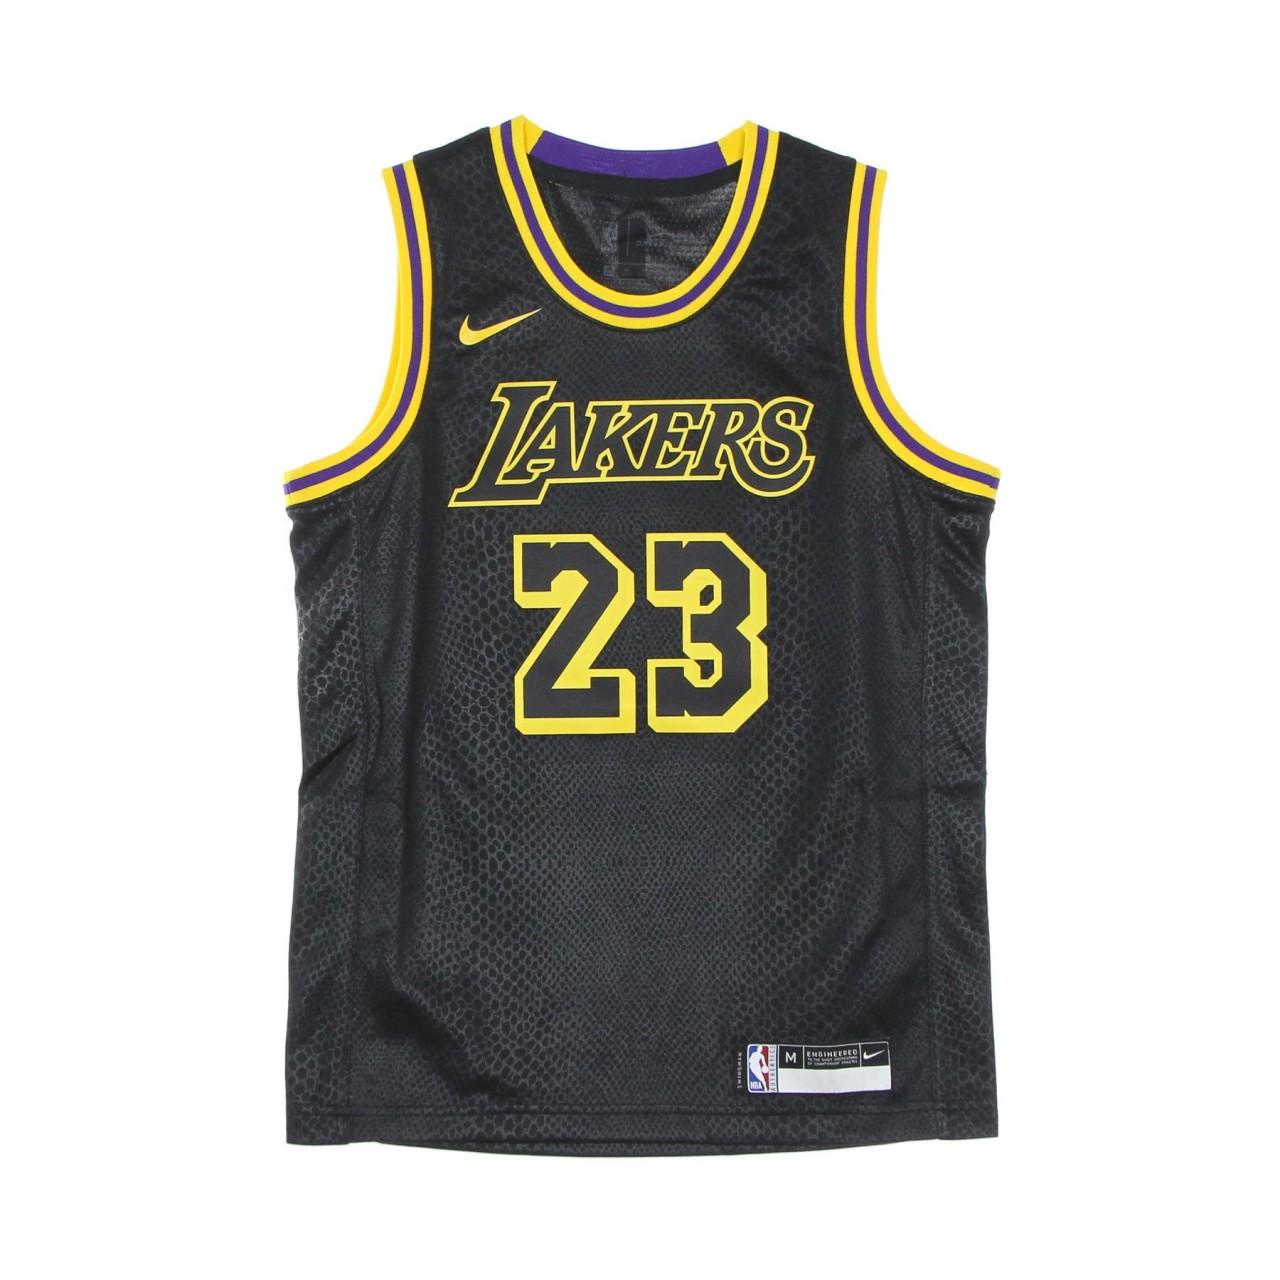 NIKE NBA NBA SWINGMAN JERSEY CITY EDITION LEBRON JAMES LOSLAK EZ2B7BY1PLAKJL